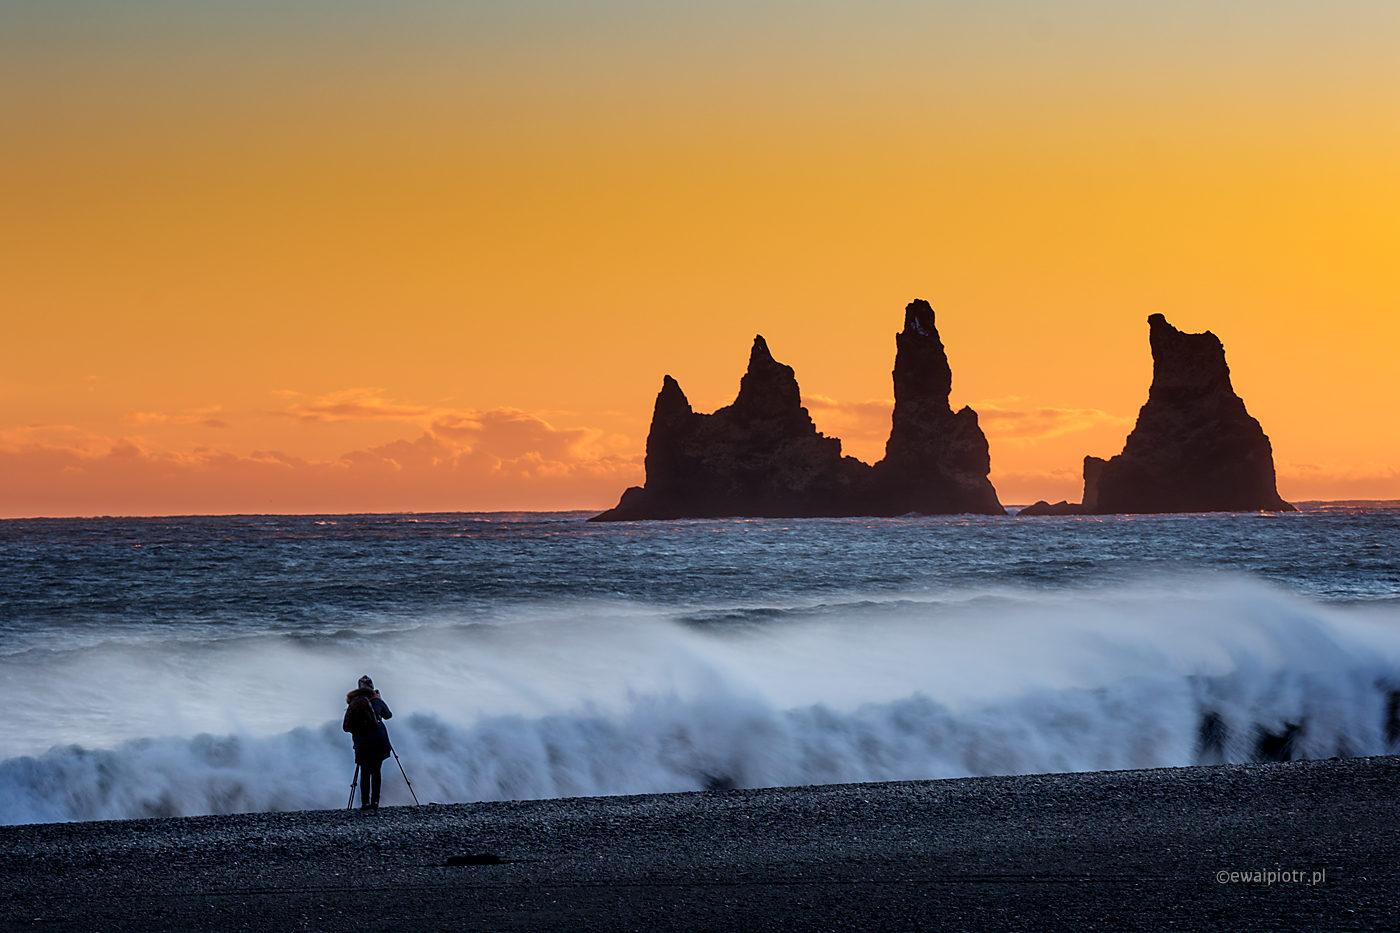 Zachód na plaży Reynisfjara, Islandia, wyprawa fotograficzna